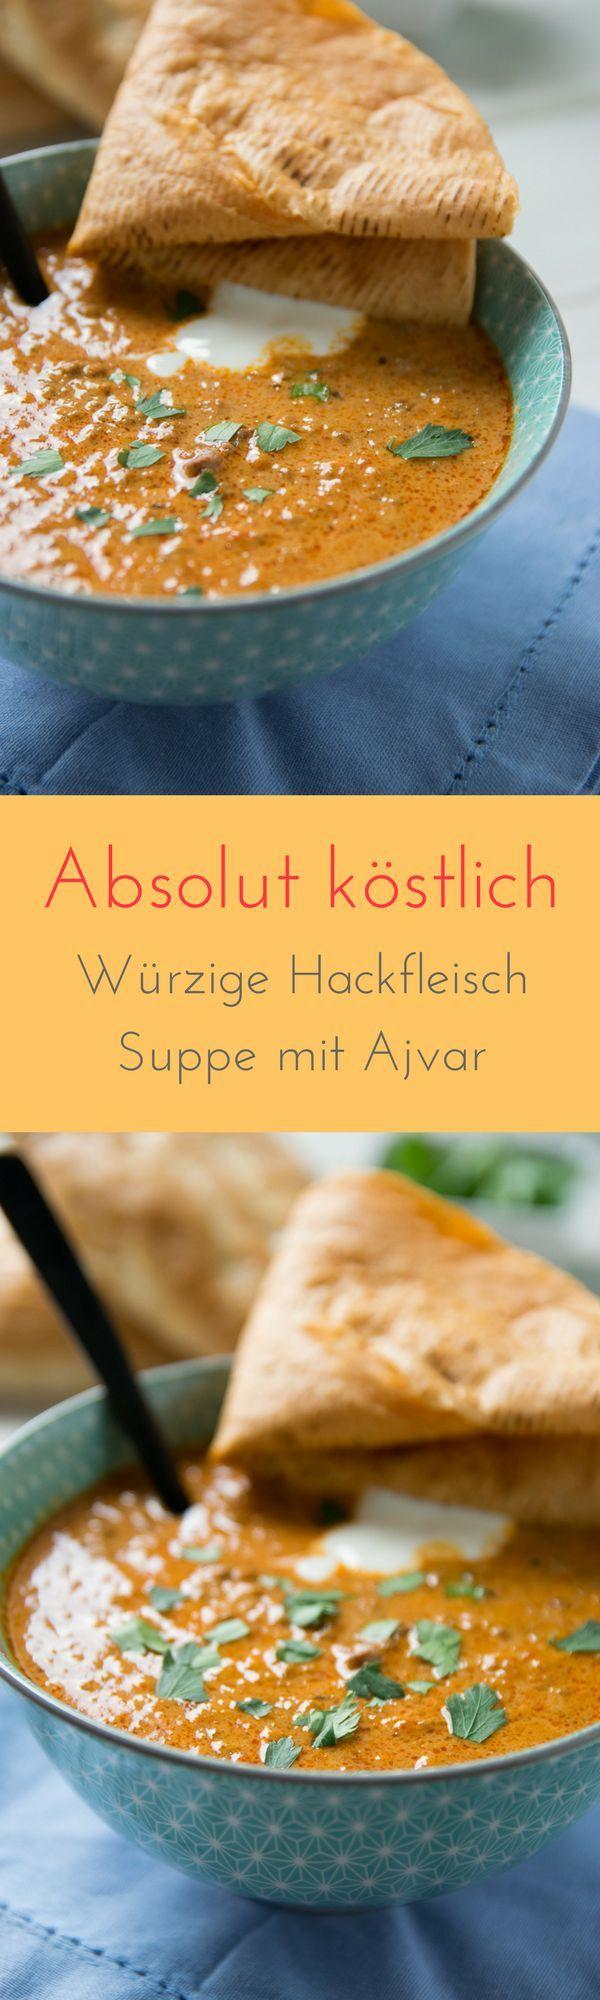 Unglaublich lecker - ohne Nachwürzen und in nur wenigen Minuten zubereitet - diese Ajvar Hackfleisch Suppe ist der absolute Knaller und perfekt auch für die nächste Party